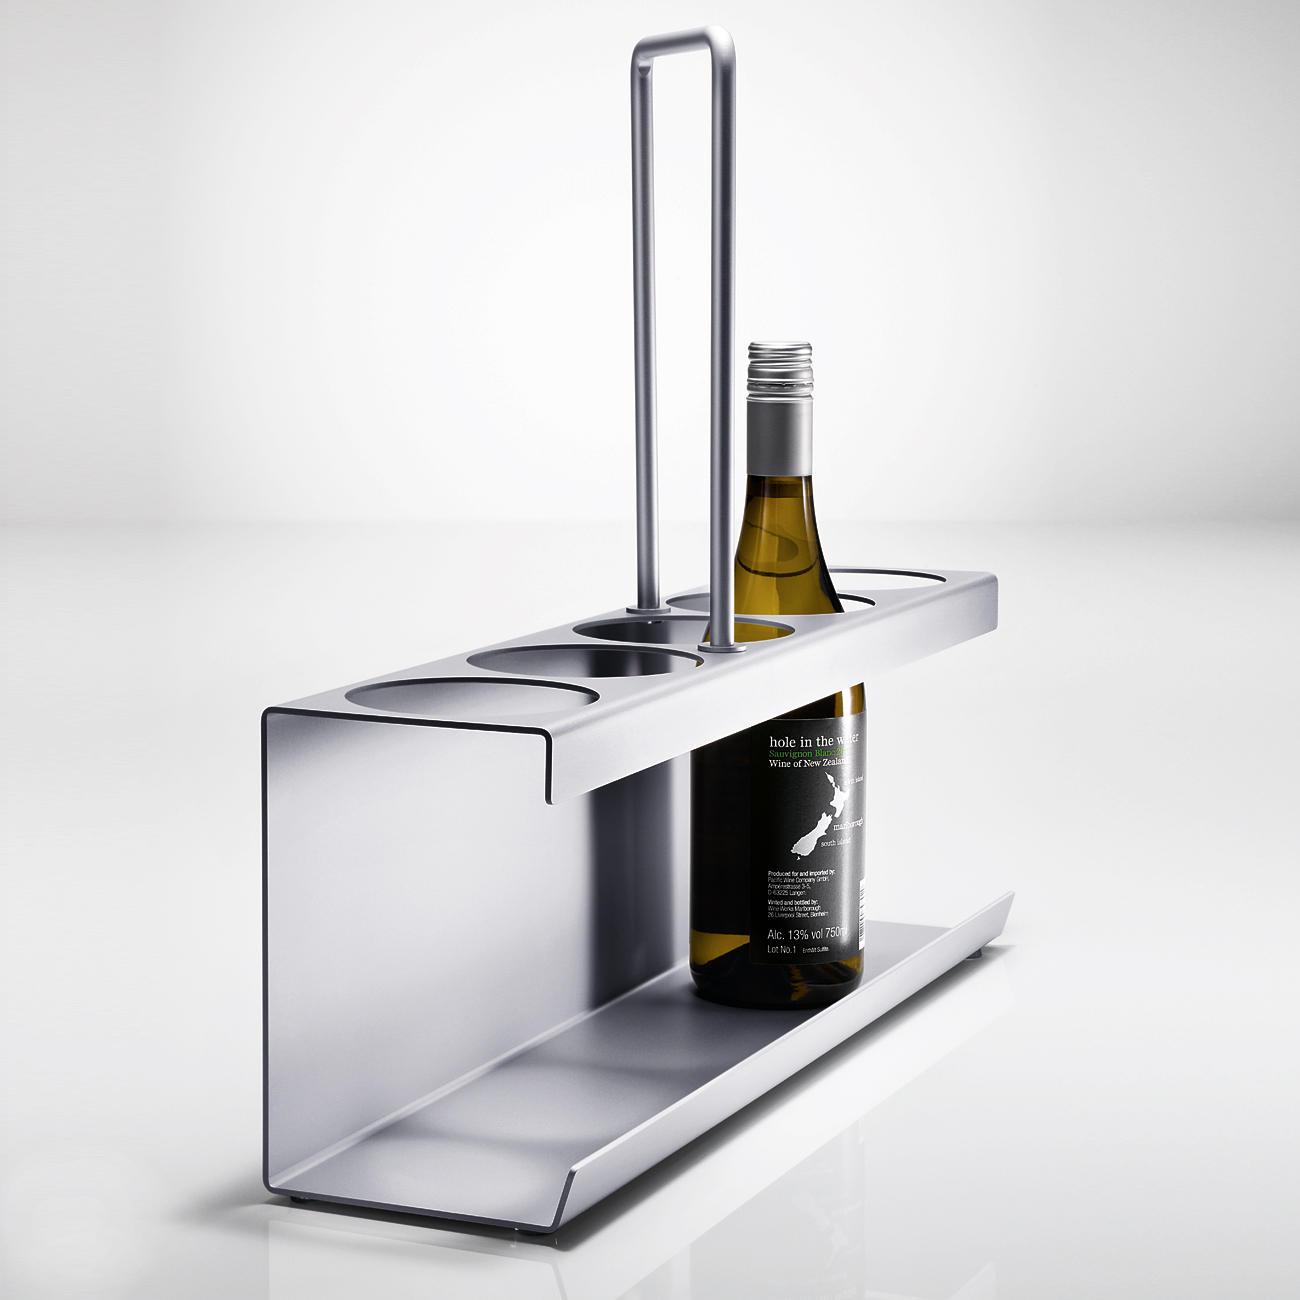 Schlanker Flaschenträger | 3 Jahre Garantie | Pro-Idee